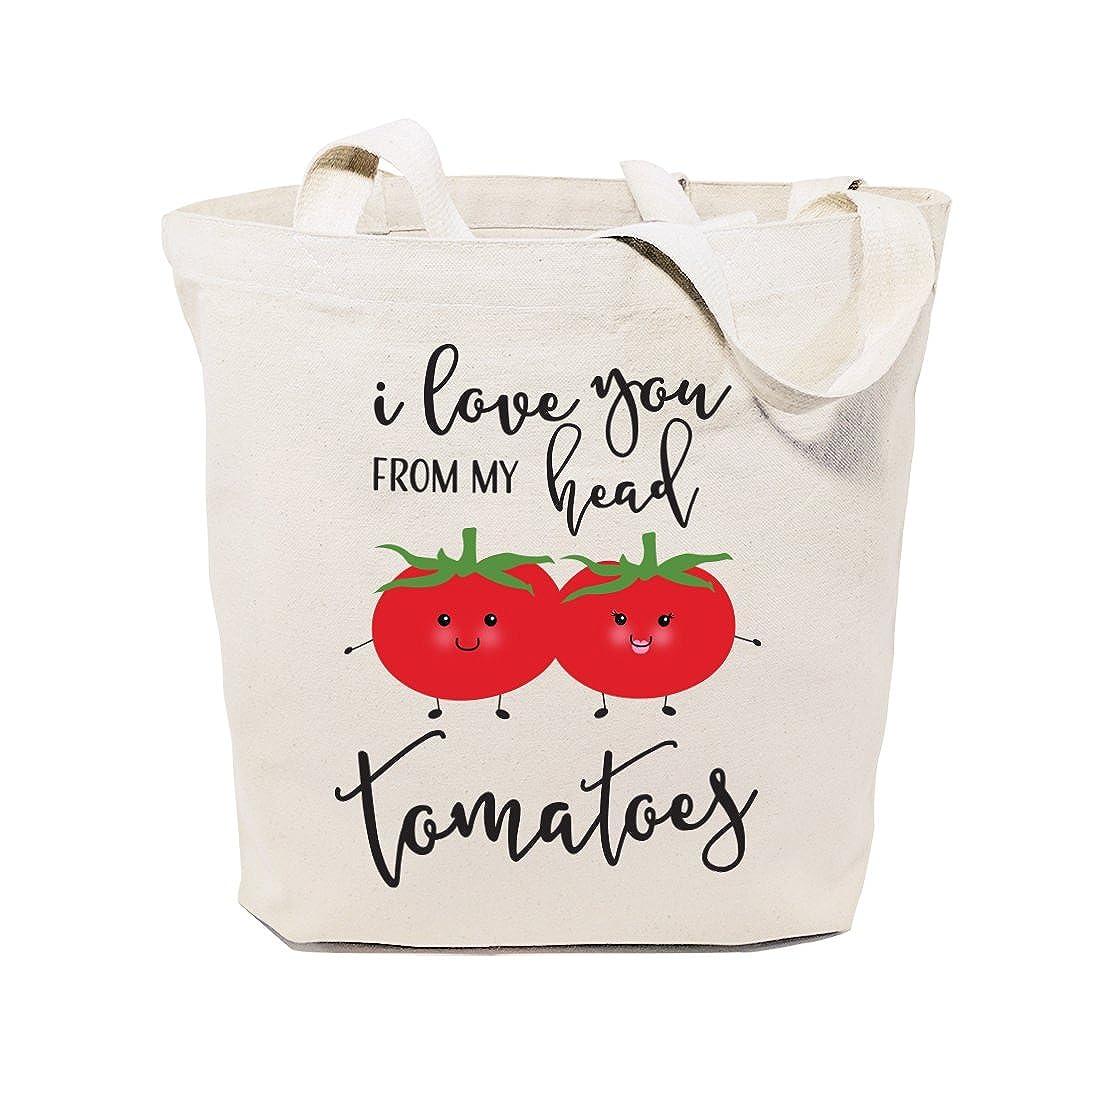 驚きの値段 The Cotton & Tomatoes Canvas Co. レディース Head B01N9V9LXY The I Love You from My Head Tomatoes I Love You from My Head Tomatoes, 元祖まな板本舗:3940bfbe --- 4x4.lt